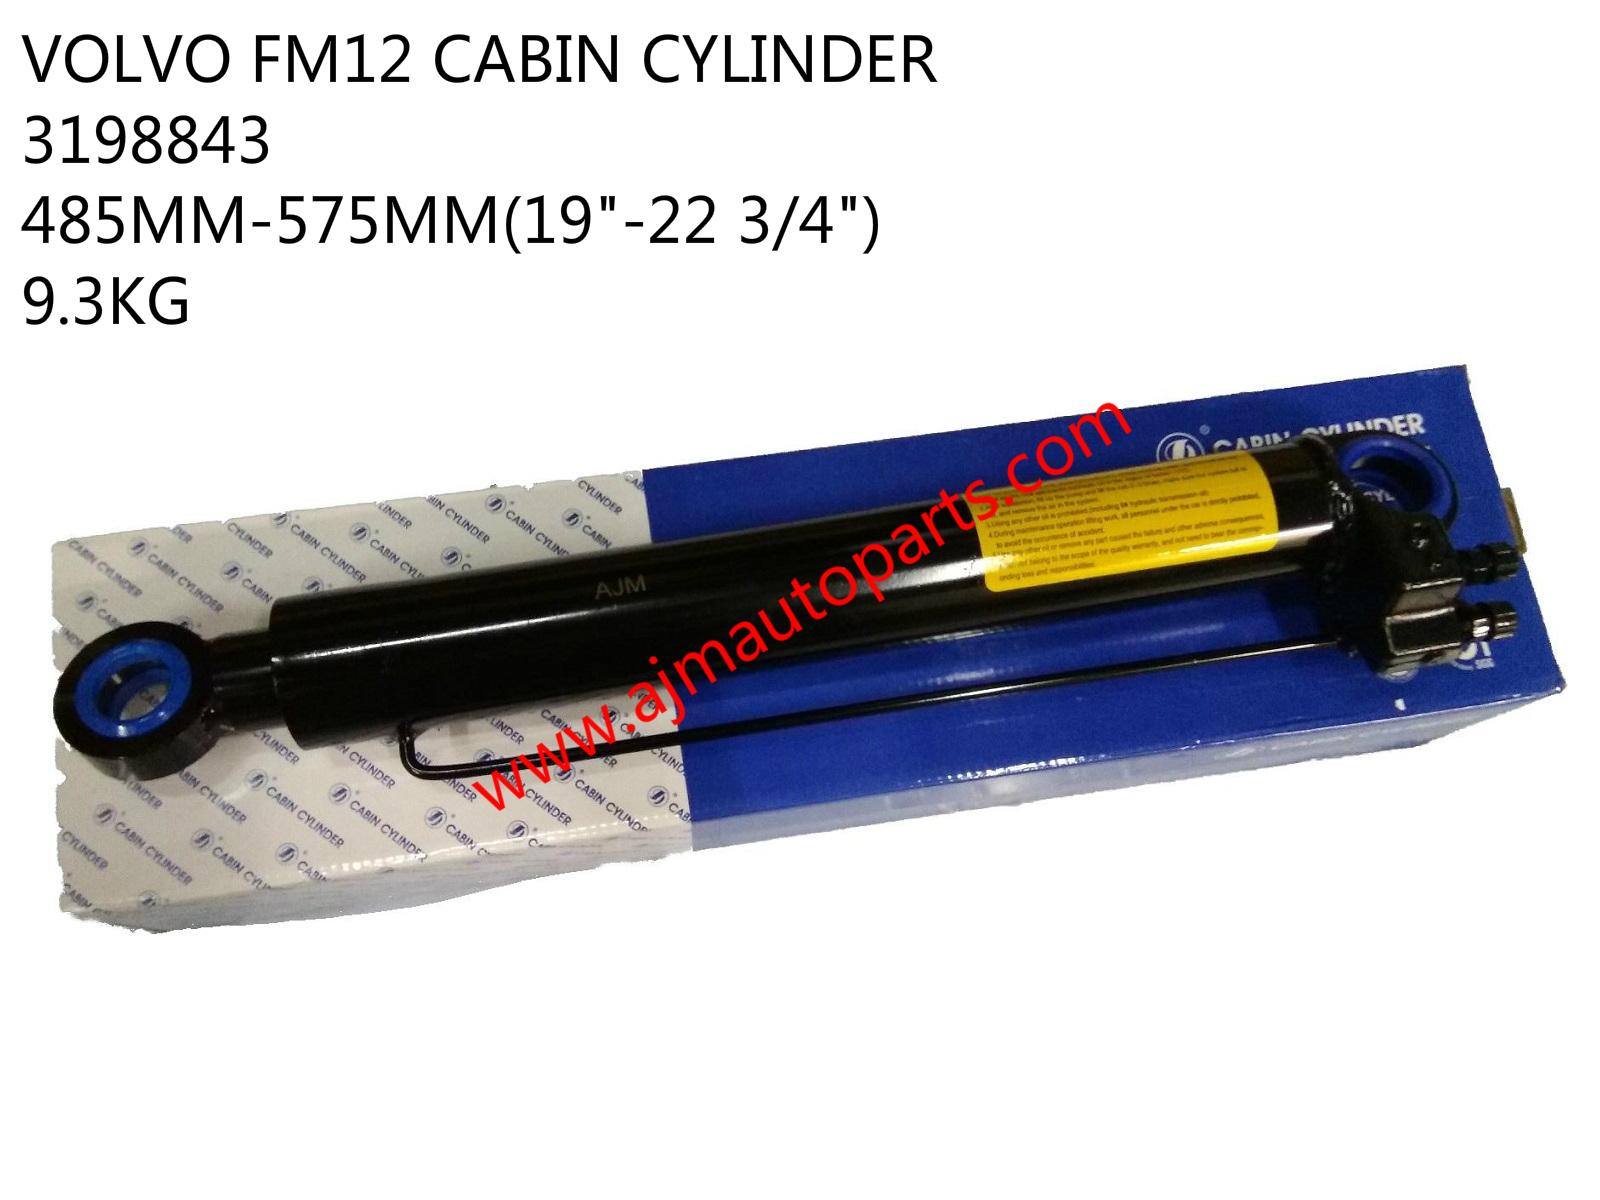 VOLVO_FM12_V2_CABIN_CYLINDER-31998843